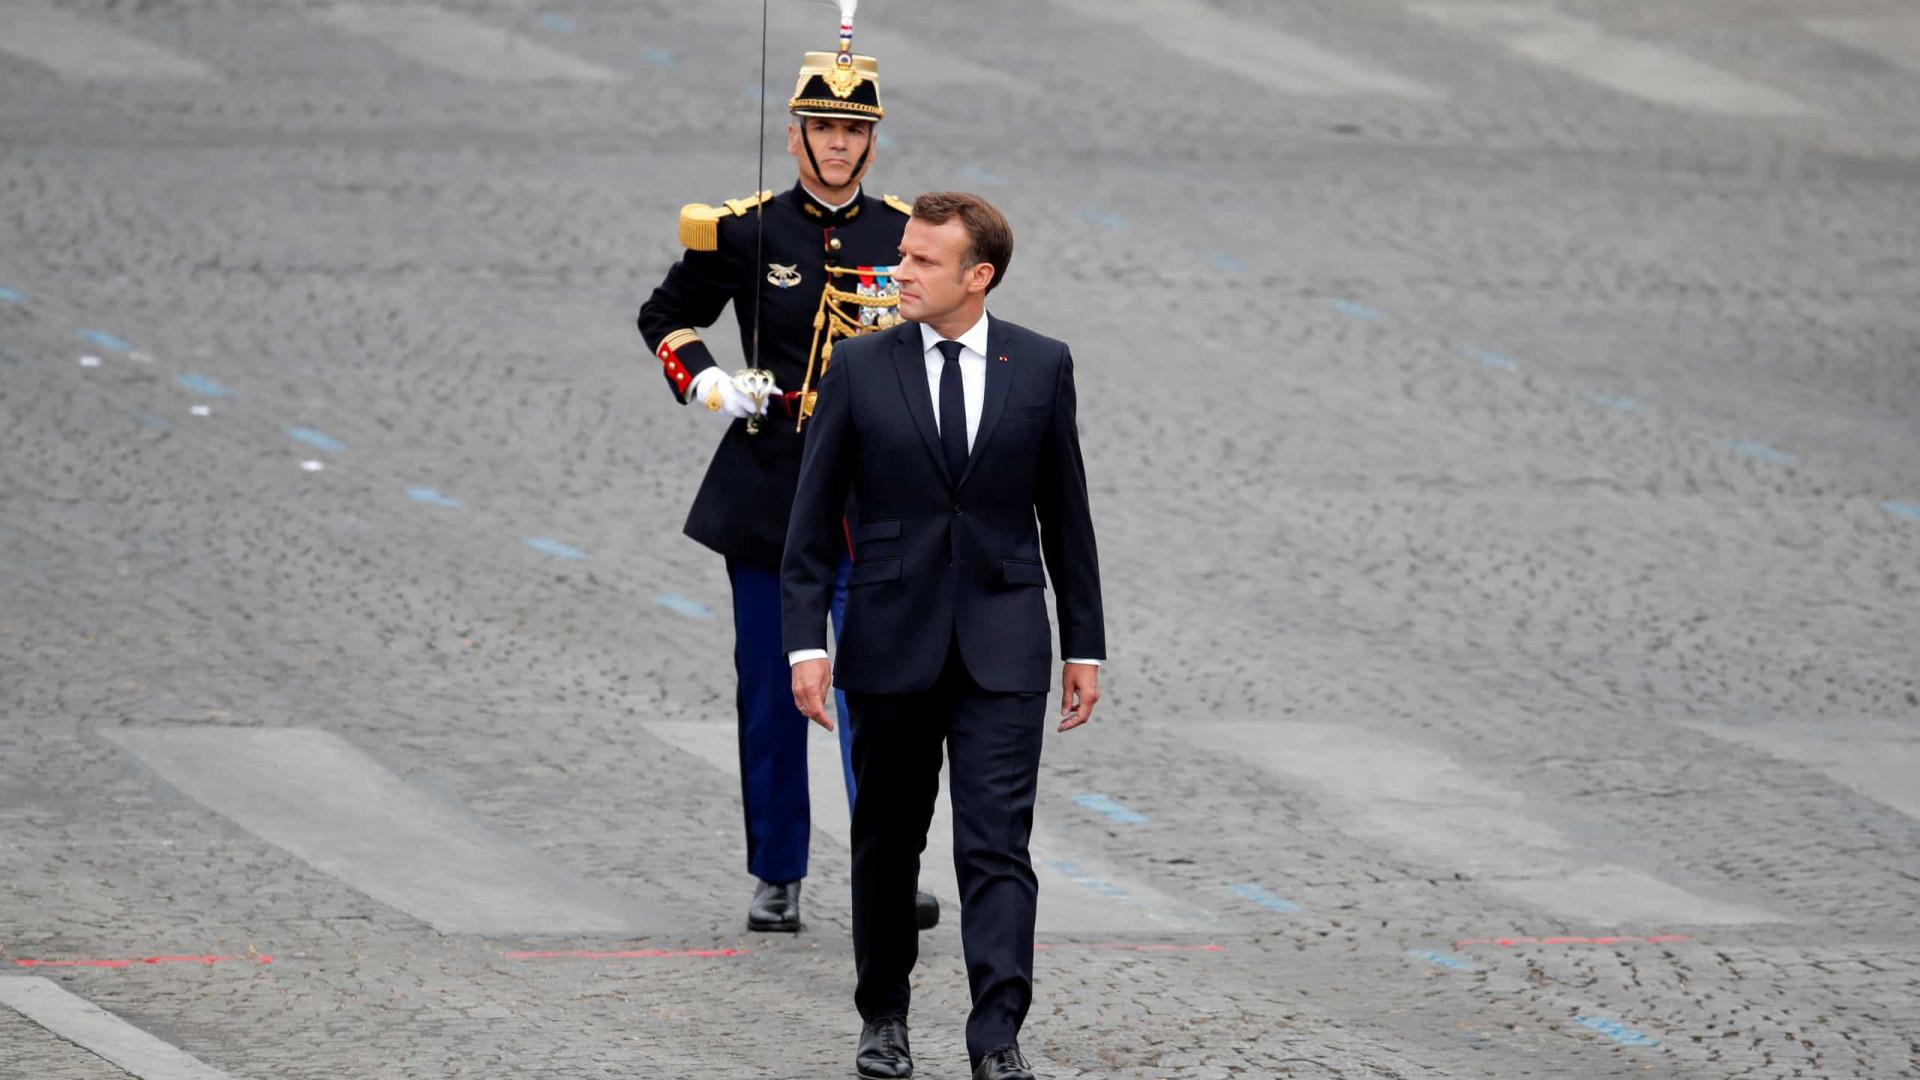 Coletes amarelos vaiaram Macron no desfile do 14 de julho em Paris